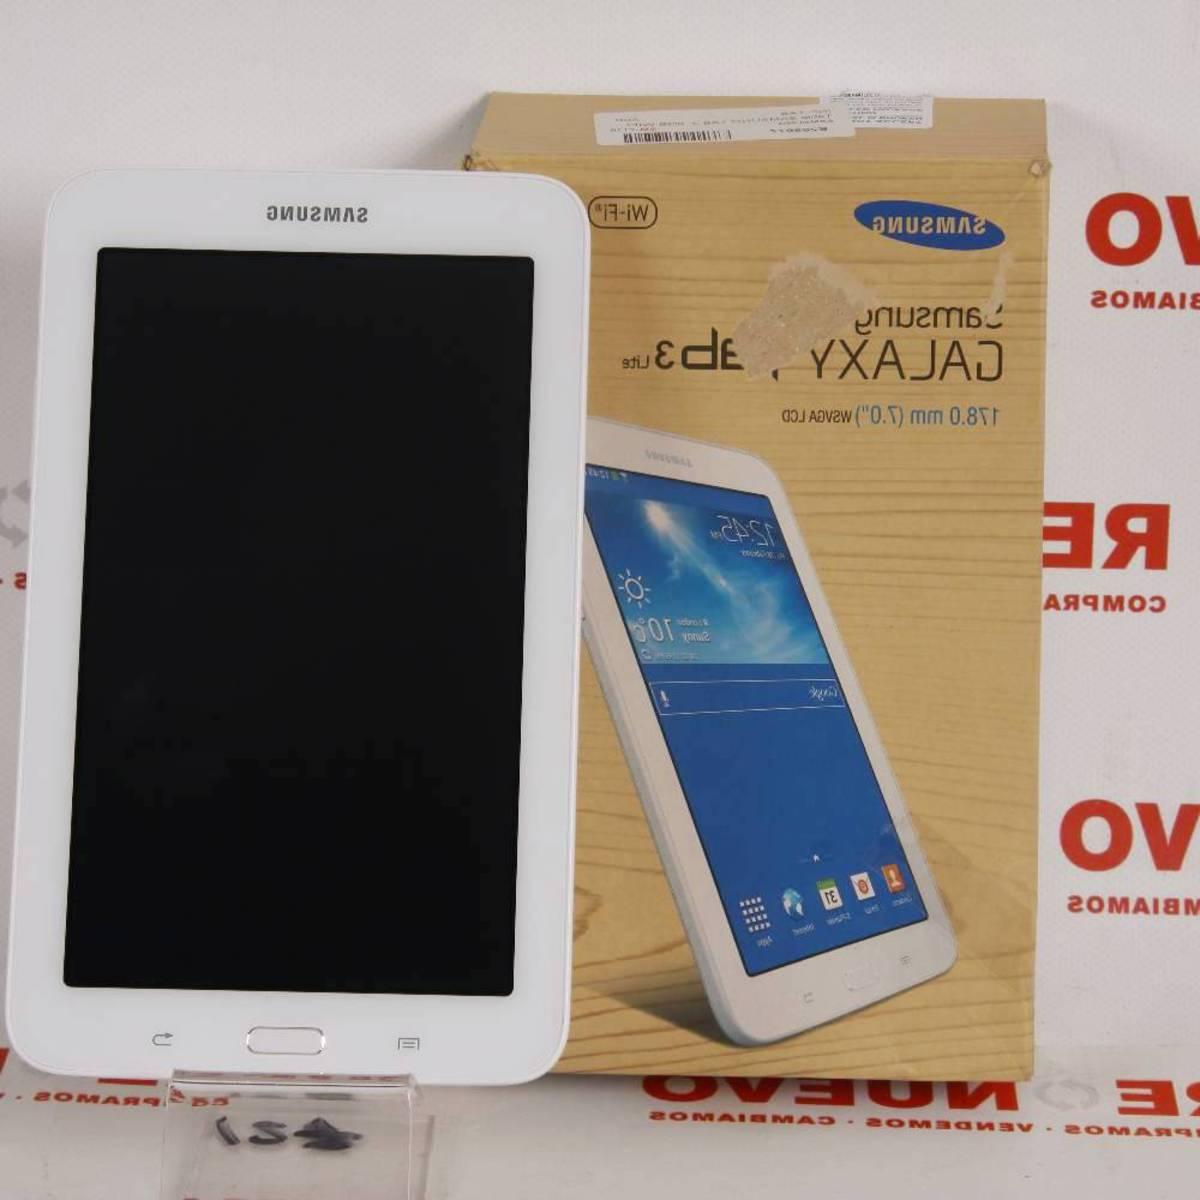 Tables De Segunda Mano Tldn Tablet Samsung Tab 3 8gb Wifi E Renuevo Tienda Online De